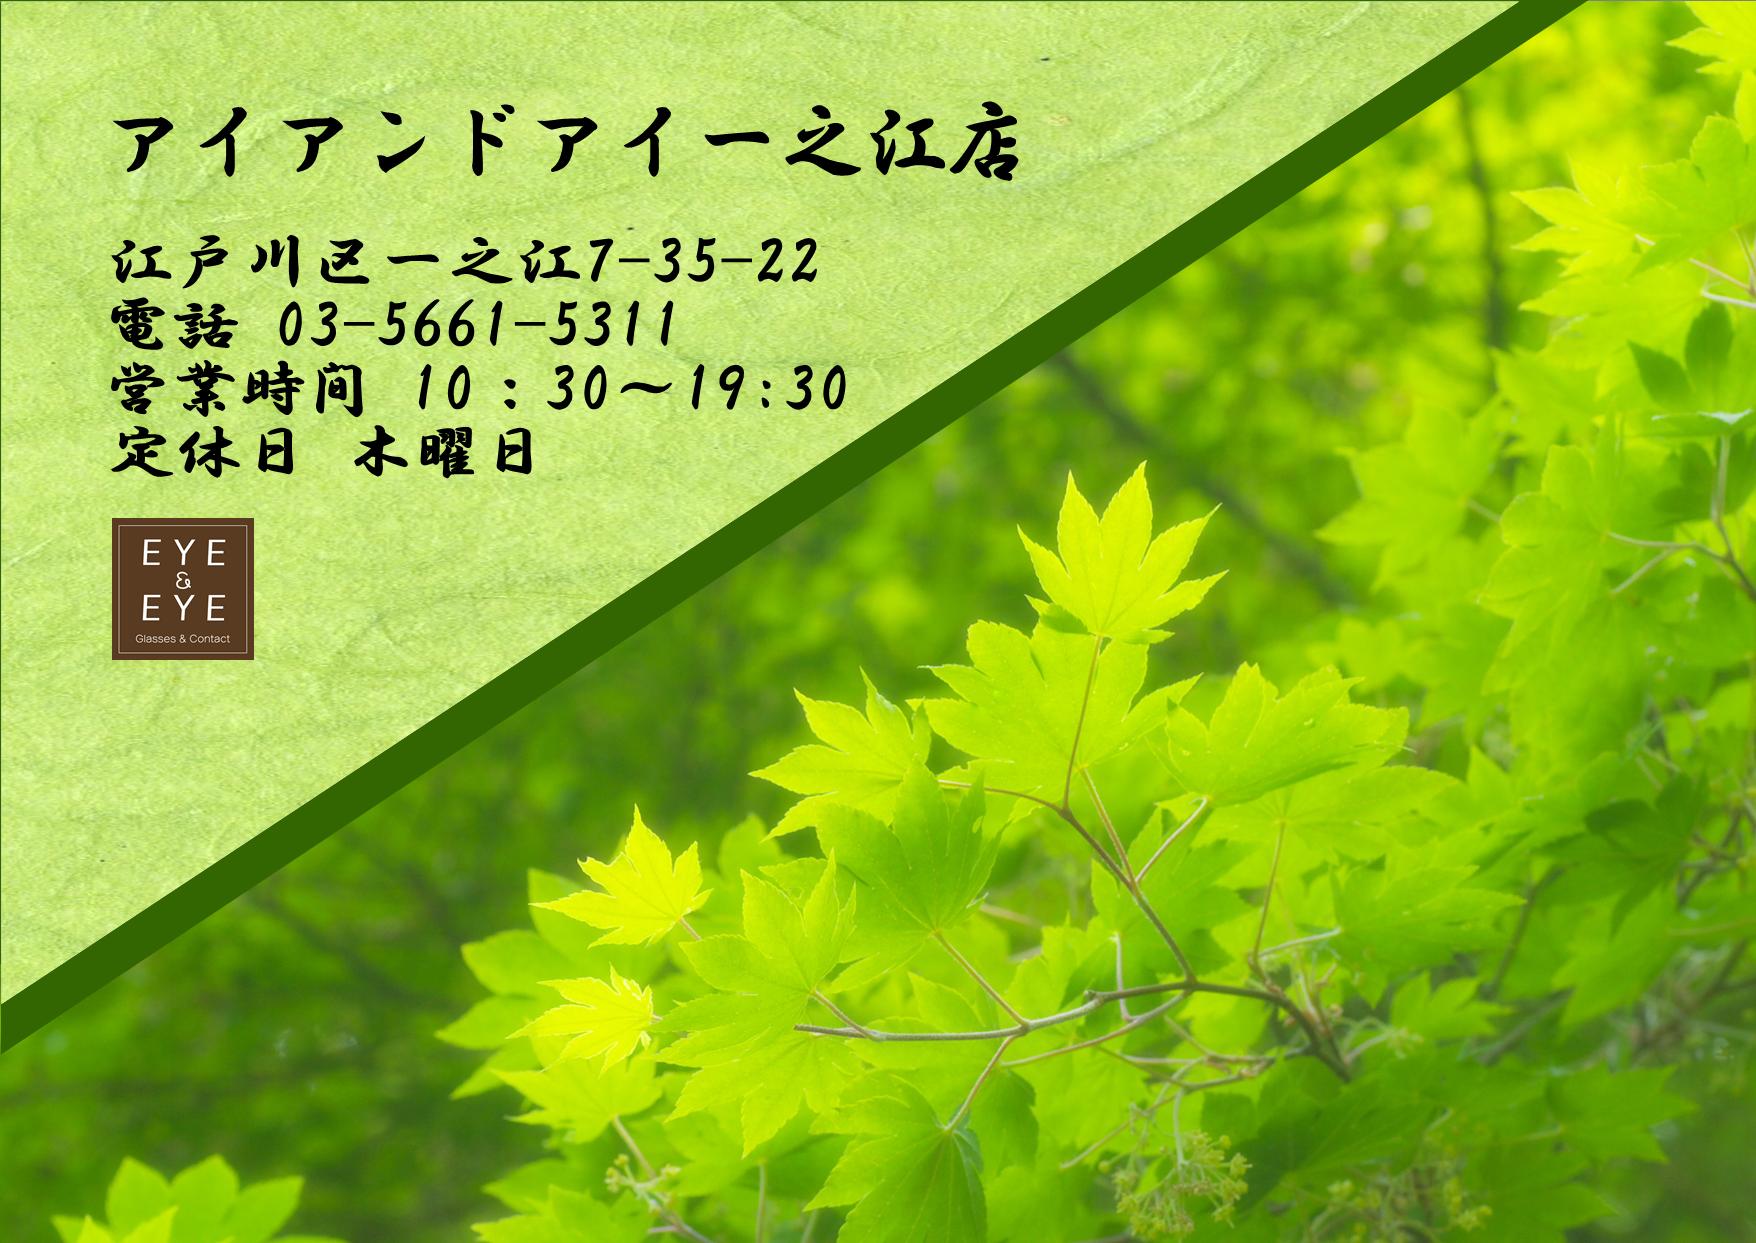 東京 都内 江戸川区 一之江 メガネ 国産 鯖江 おすすめ メイドインジャパン 日本